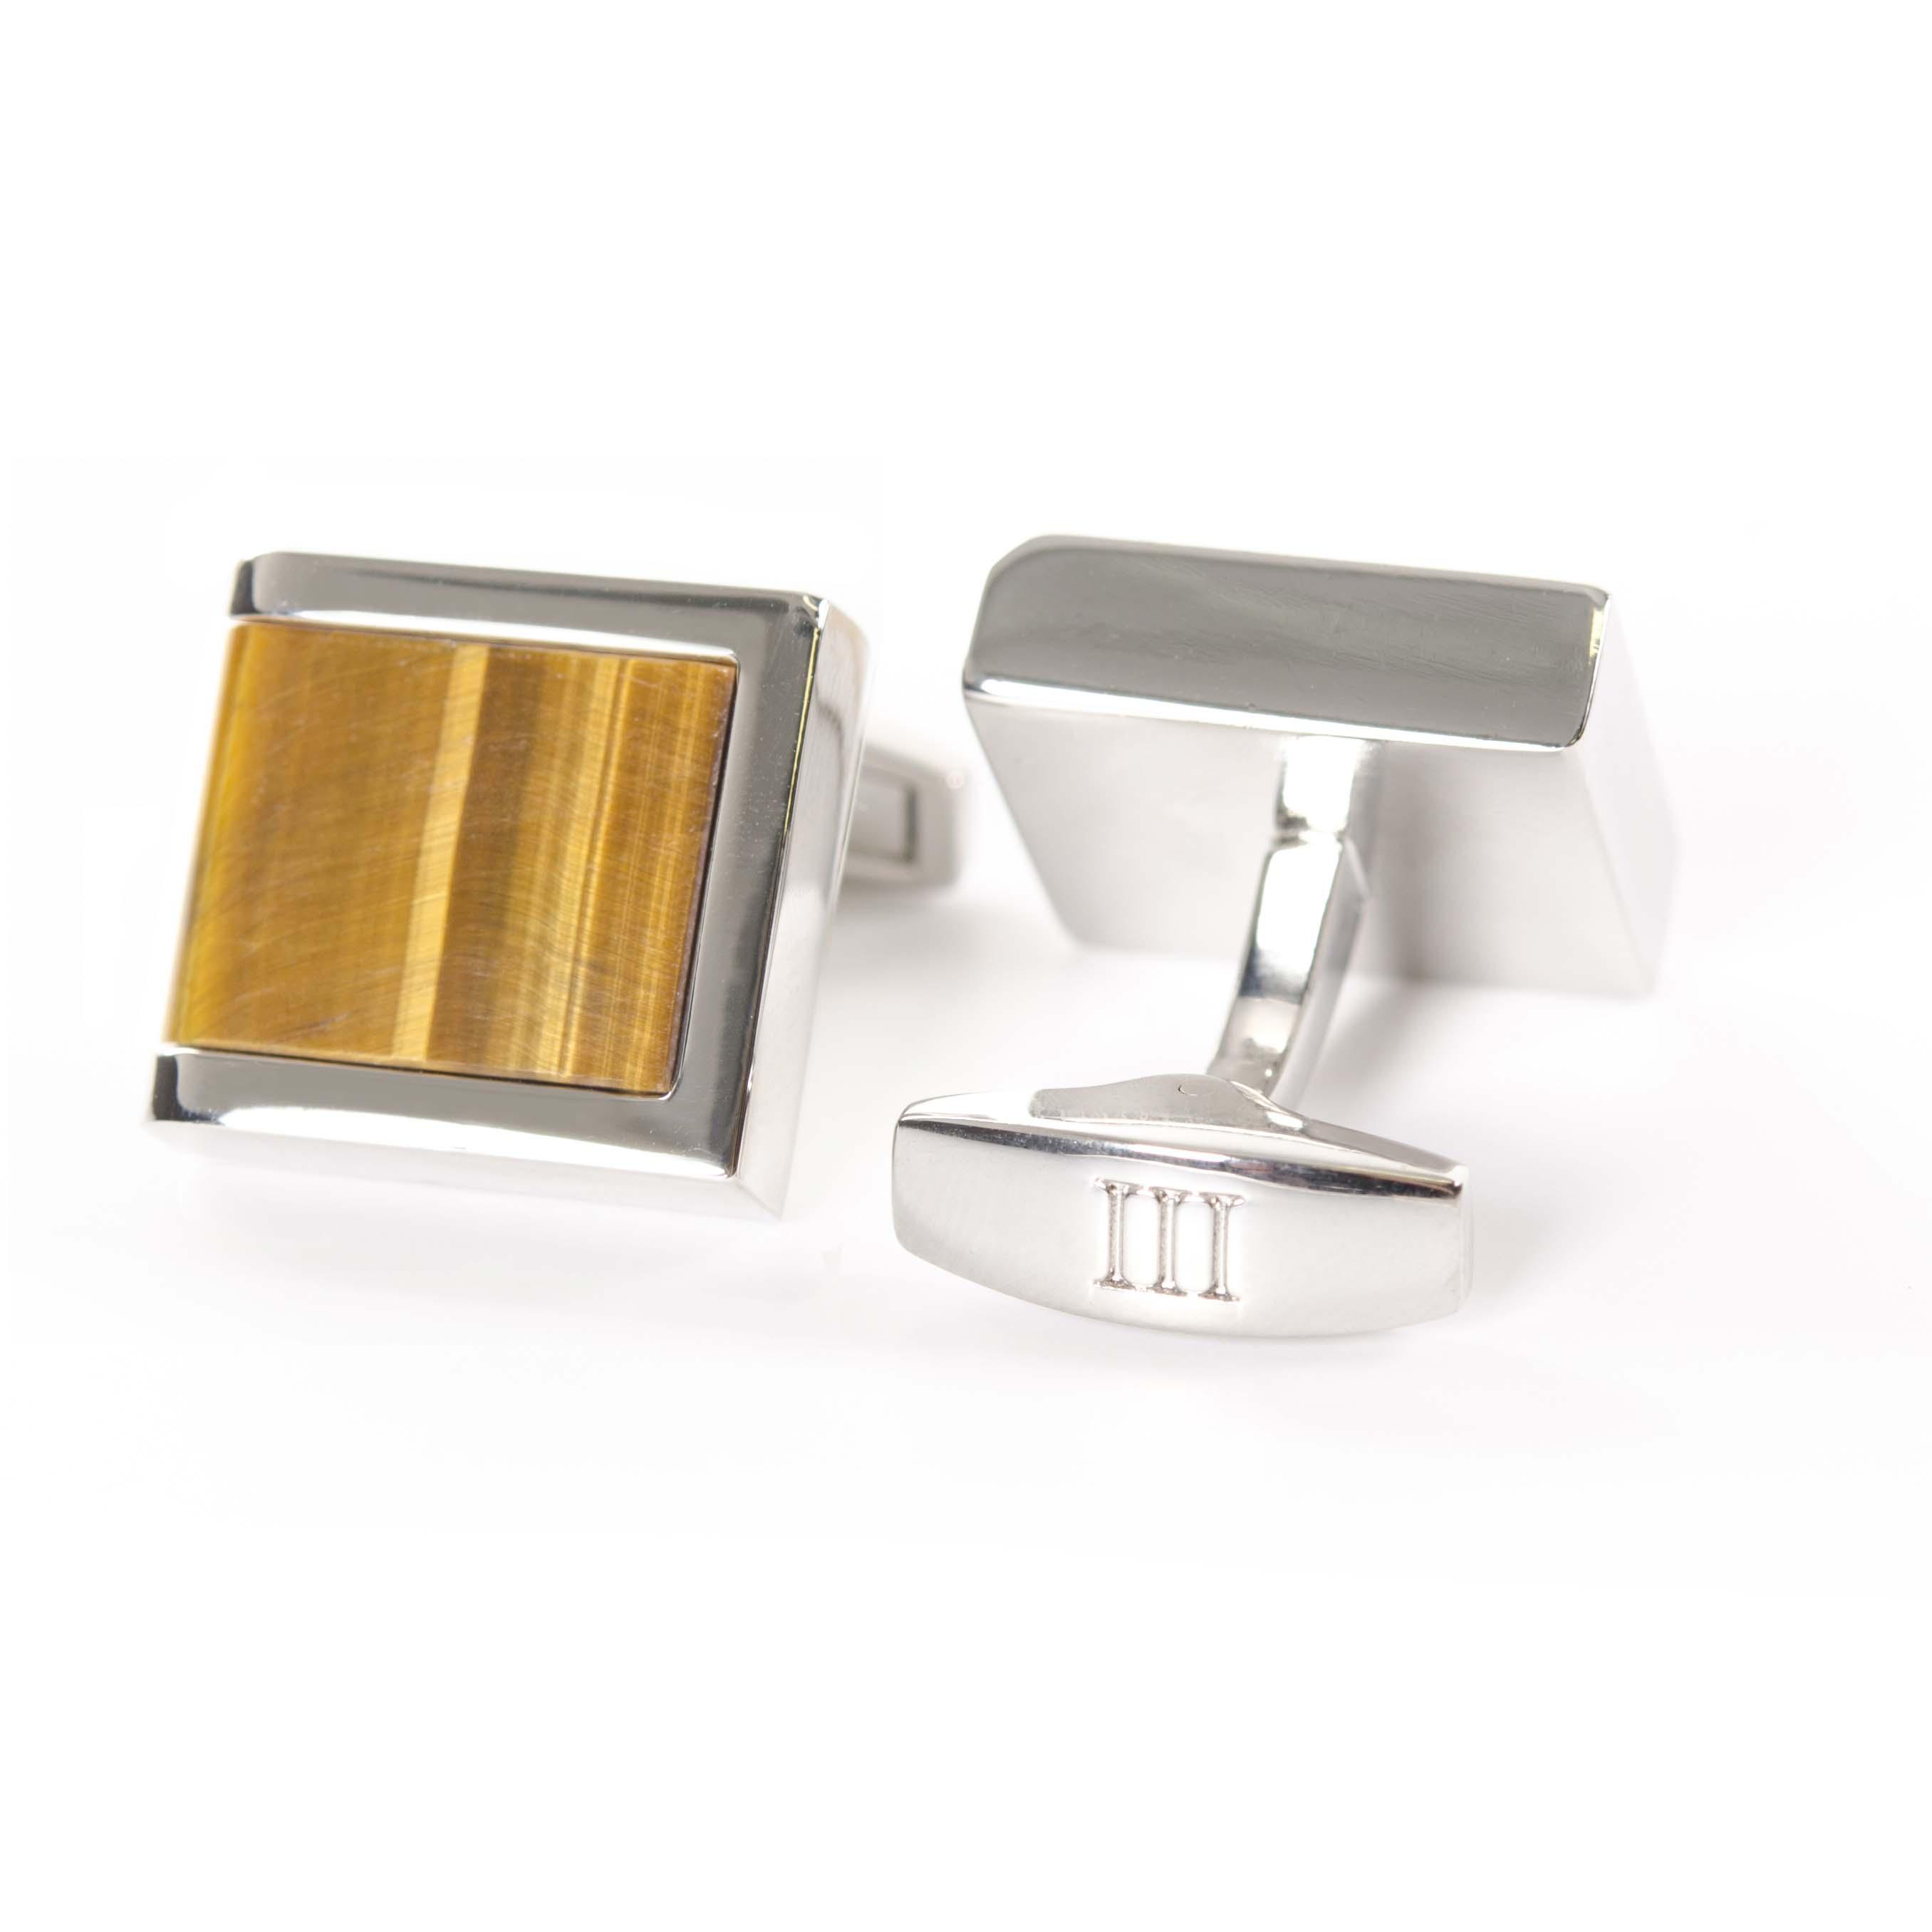 Cufflinks polished rhodium with Tiger Eye inlay